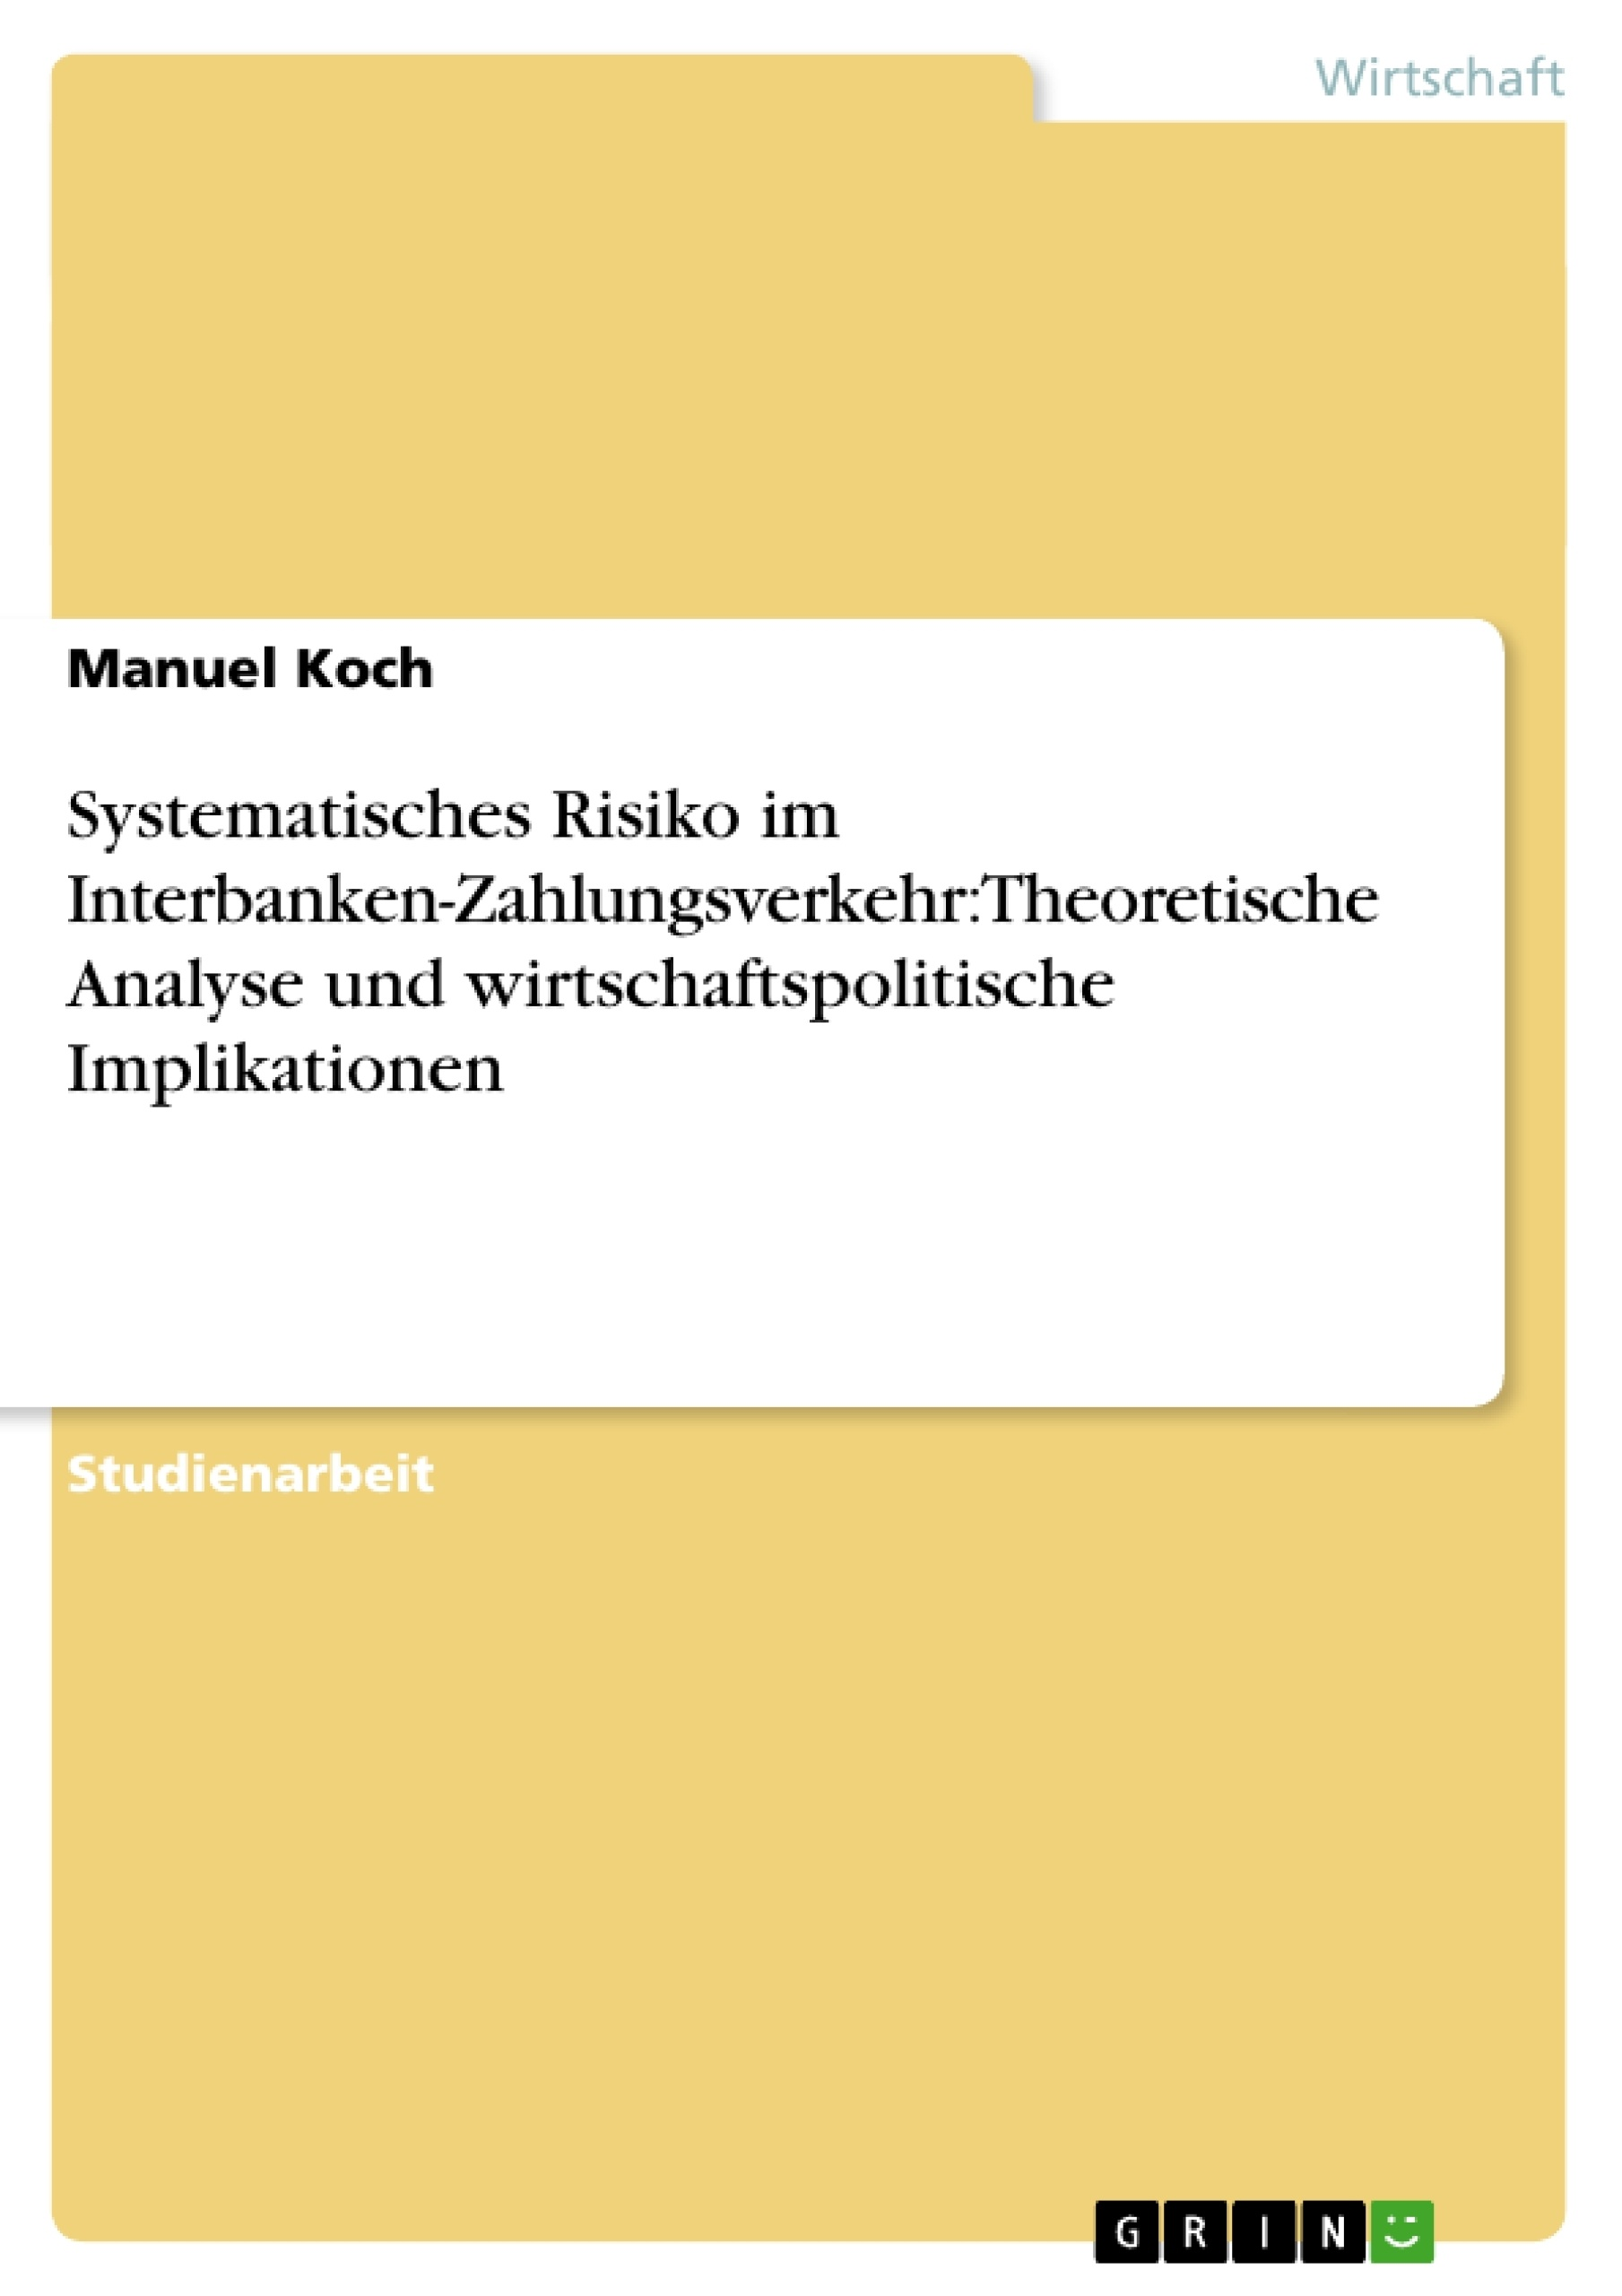 Titel: Systematisches Risiko im Interbanken-Zahlungsverkehr: Theoretische Analyse und wirtschaftspolitische Implikationen